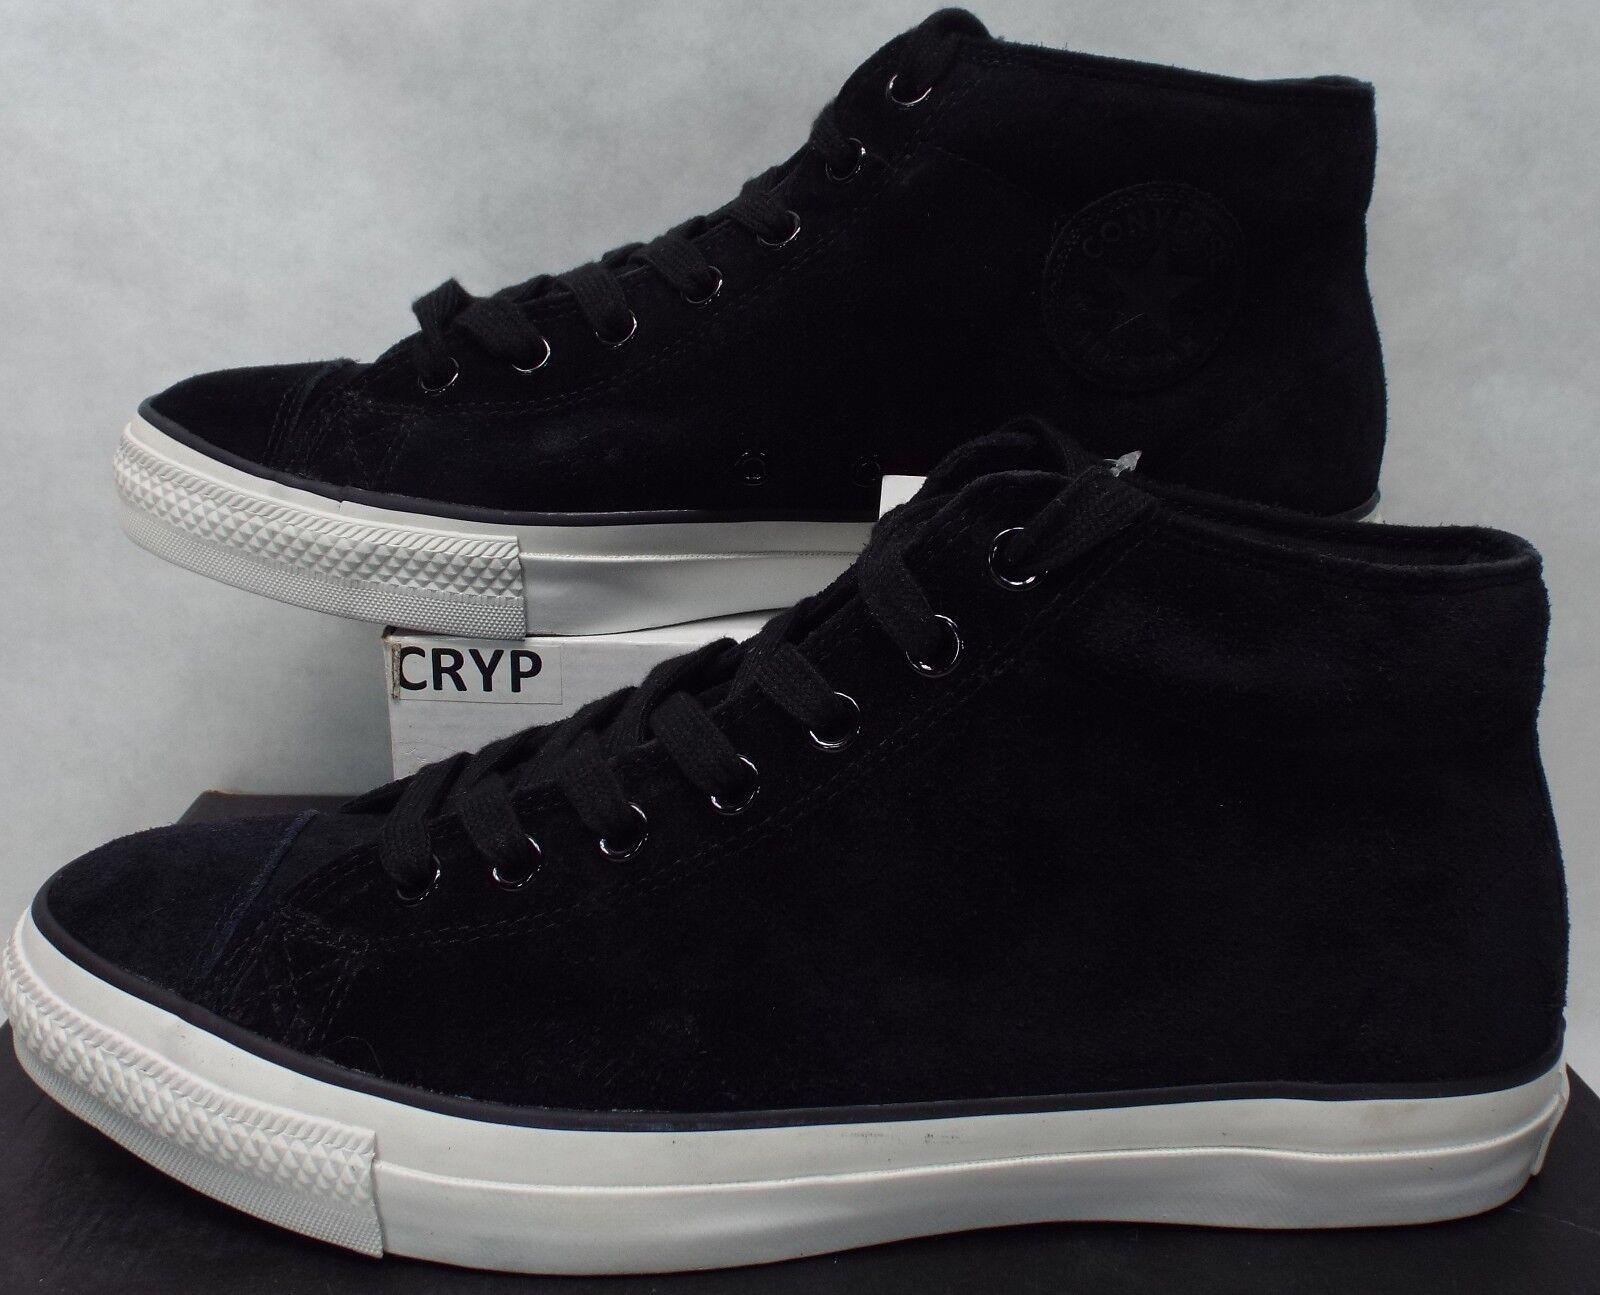 Zapatos De Cuero One NEW hombre 13 Converse One Cuero Star Pro Mediados Obsidiana Malta 75 155521 C 7603aa